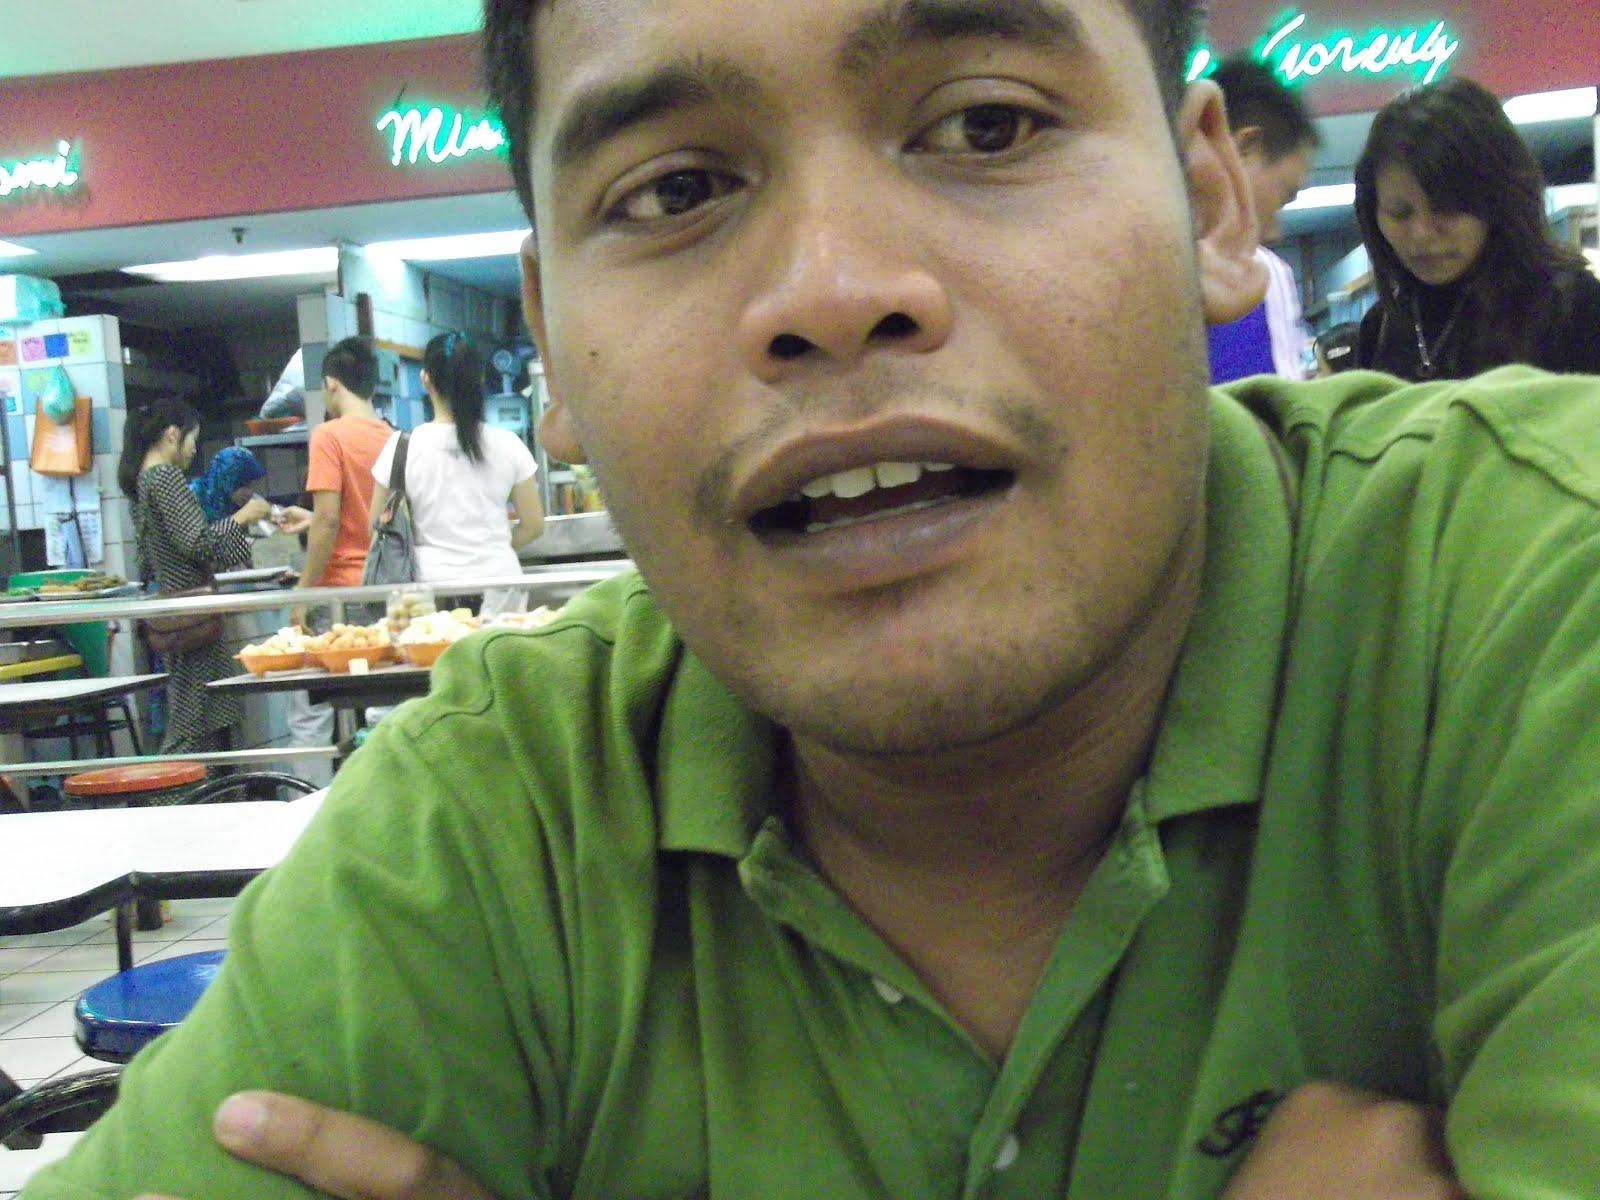 dating alor setar Johor bahru - alor setar rm 7020 kuala lumpur - penang sungai nibong rm 3500 butterworth - kamunting rm 770 penang sungai nibong - singapore rm 5500.